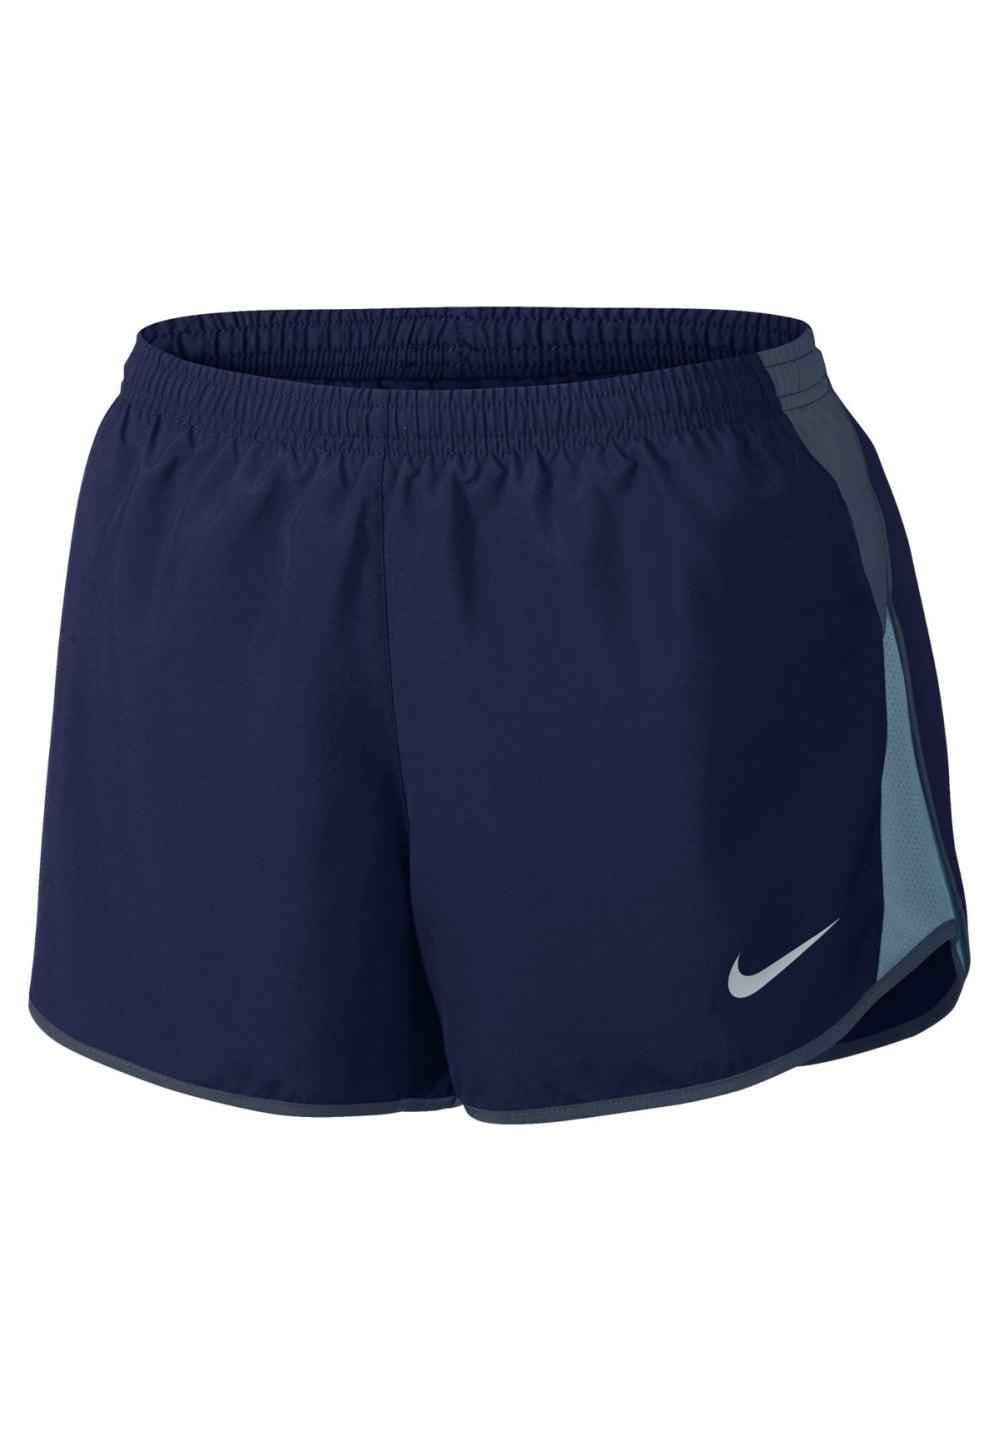 info pour 32e38 dc60a Nike Dry Running Short - Pantalons course pour Femme - Bleu